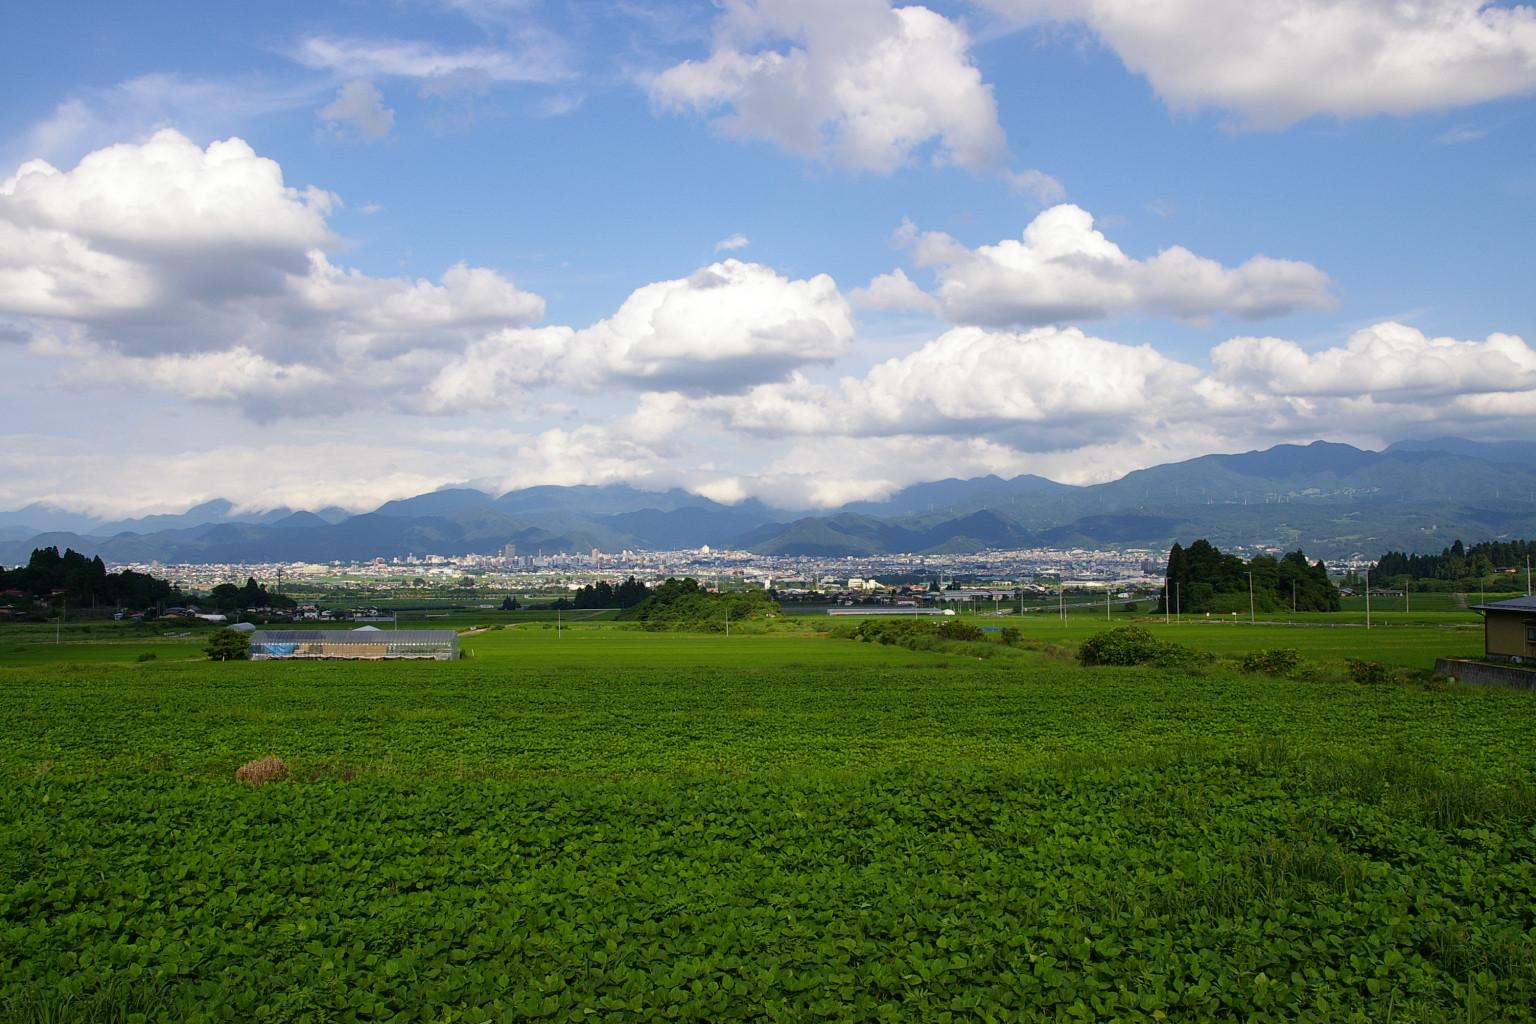 山形市菅沢から眺めた風景